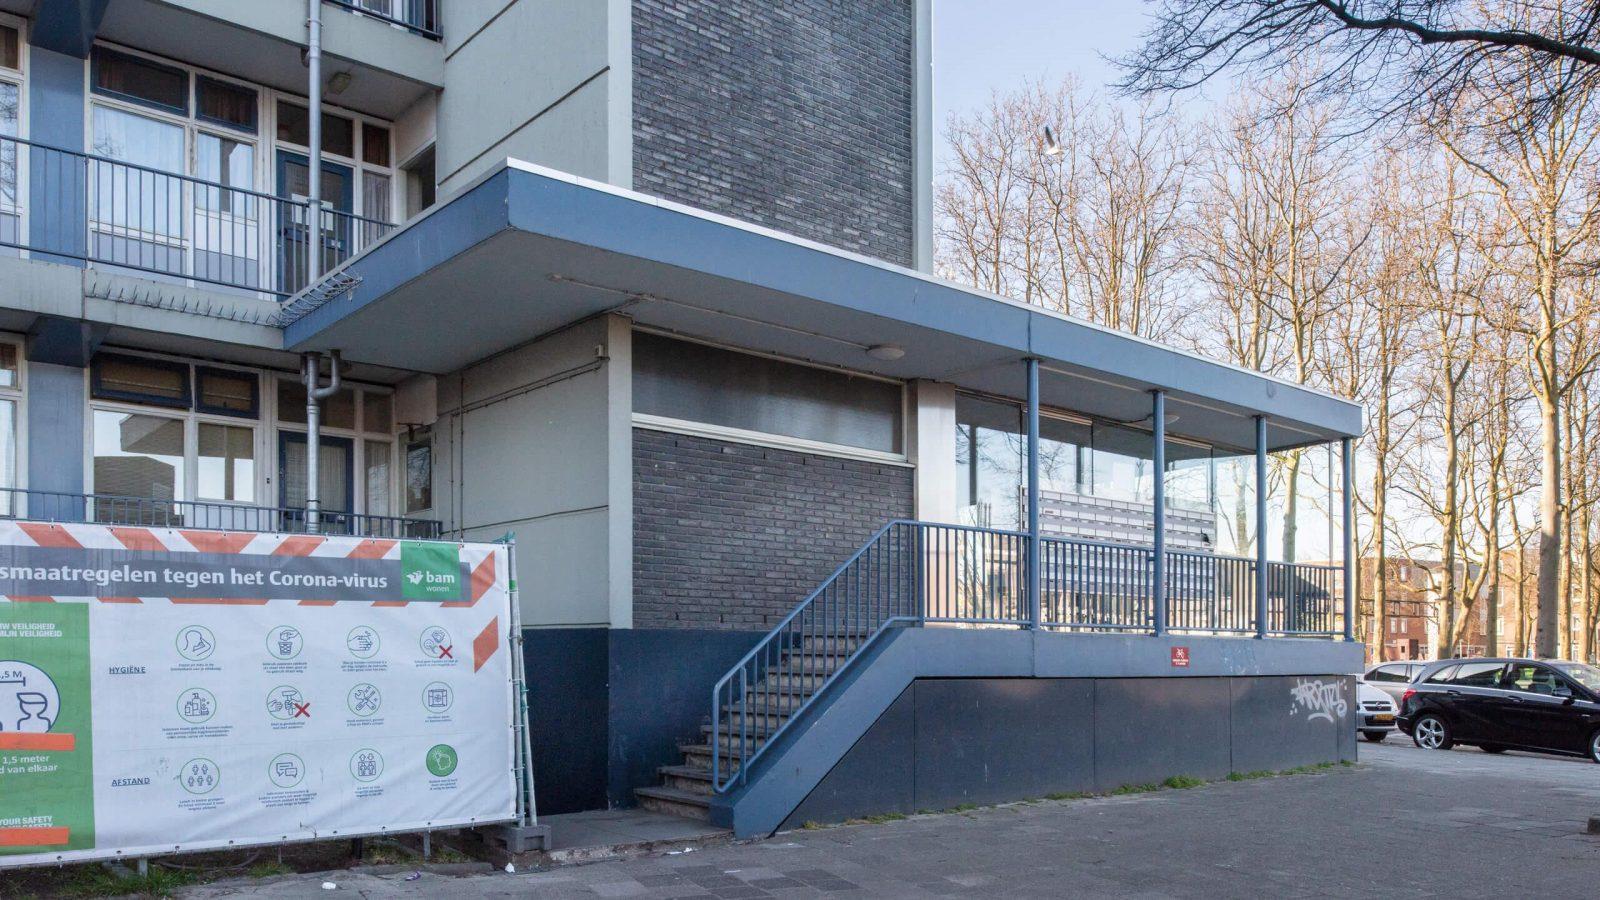 2021 Marlies Lageweg SPWR gijsinglaan3